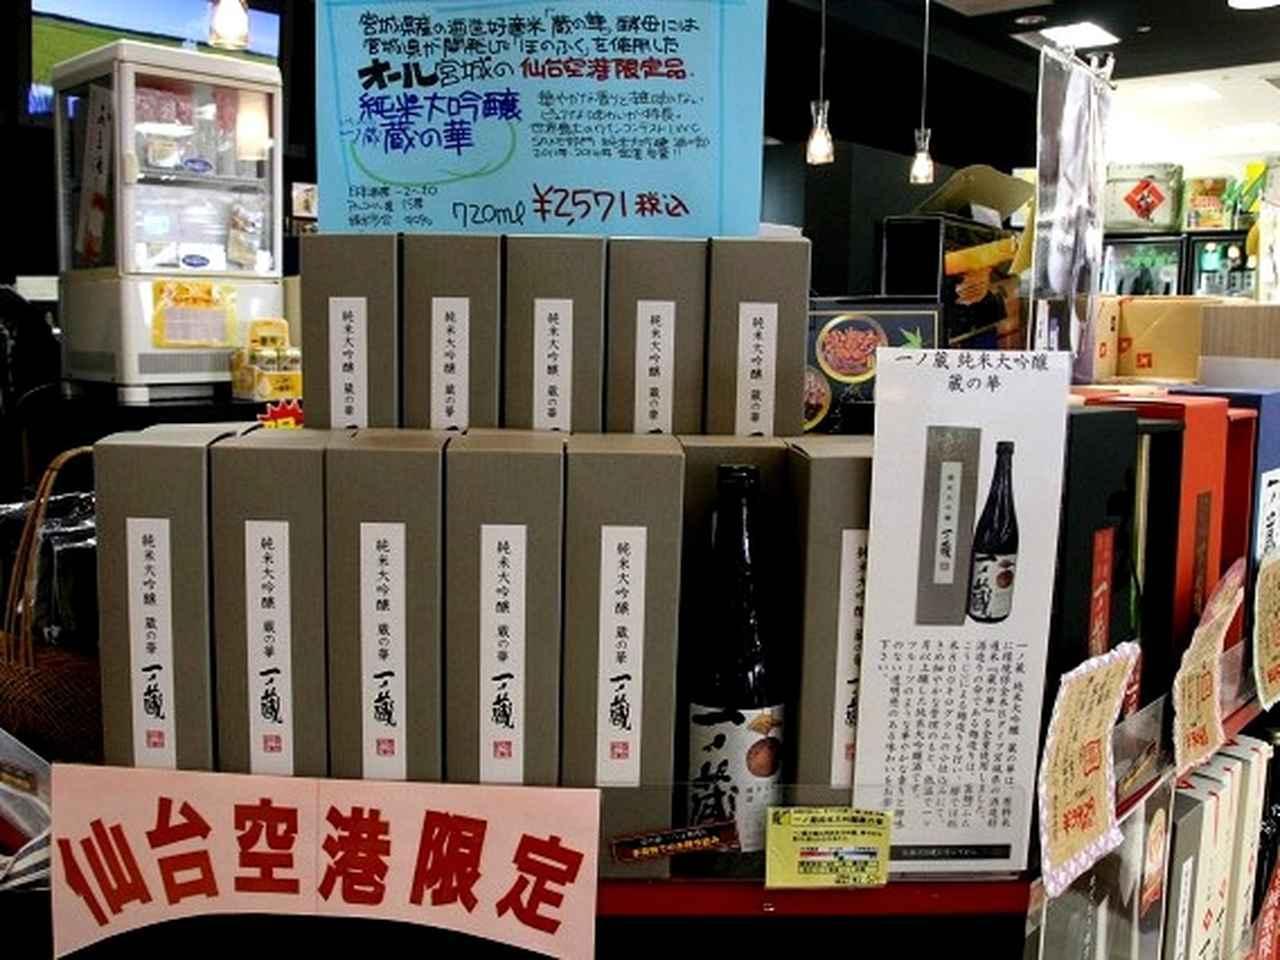 画像: 宮城の地酒『一ノ蔵』の定番品はもとより、季節や県内限定商品、金龍蔵の会商品を中心に、ここでしか買えない限定酒を販売。